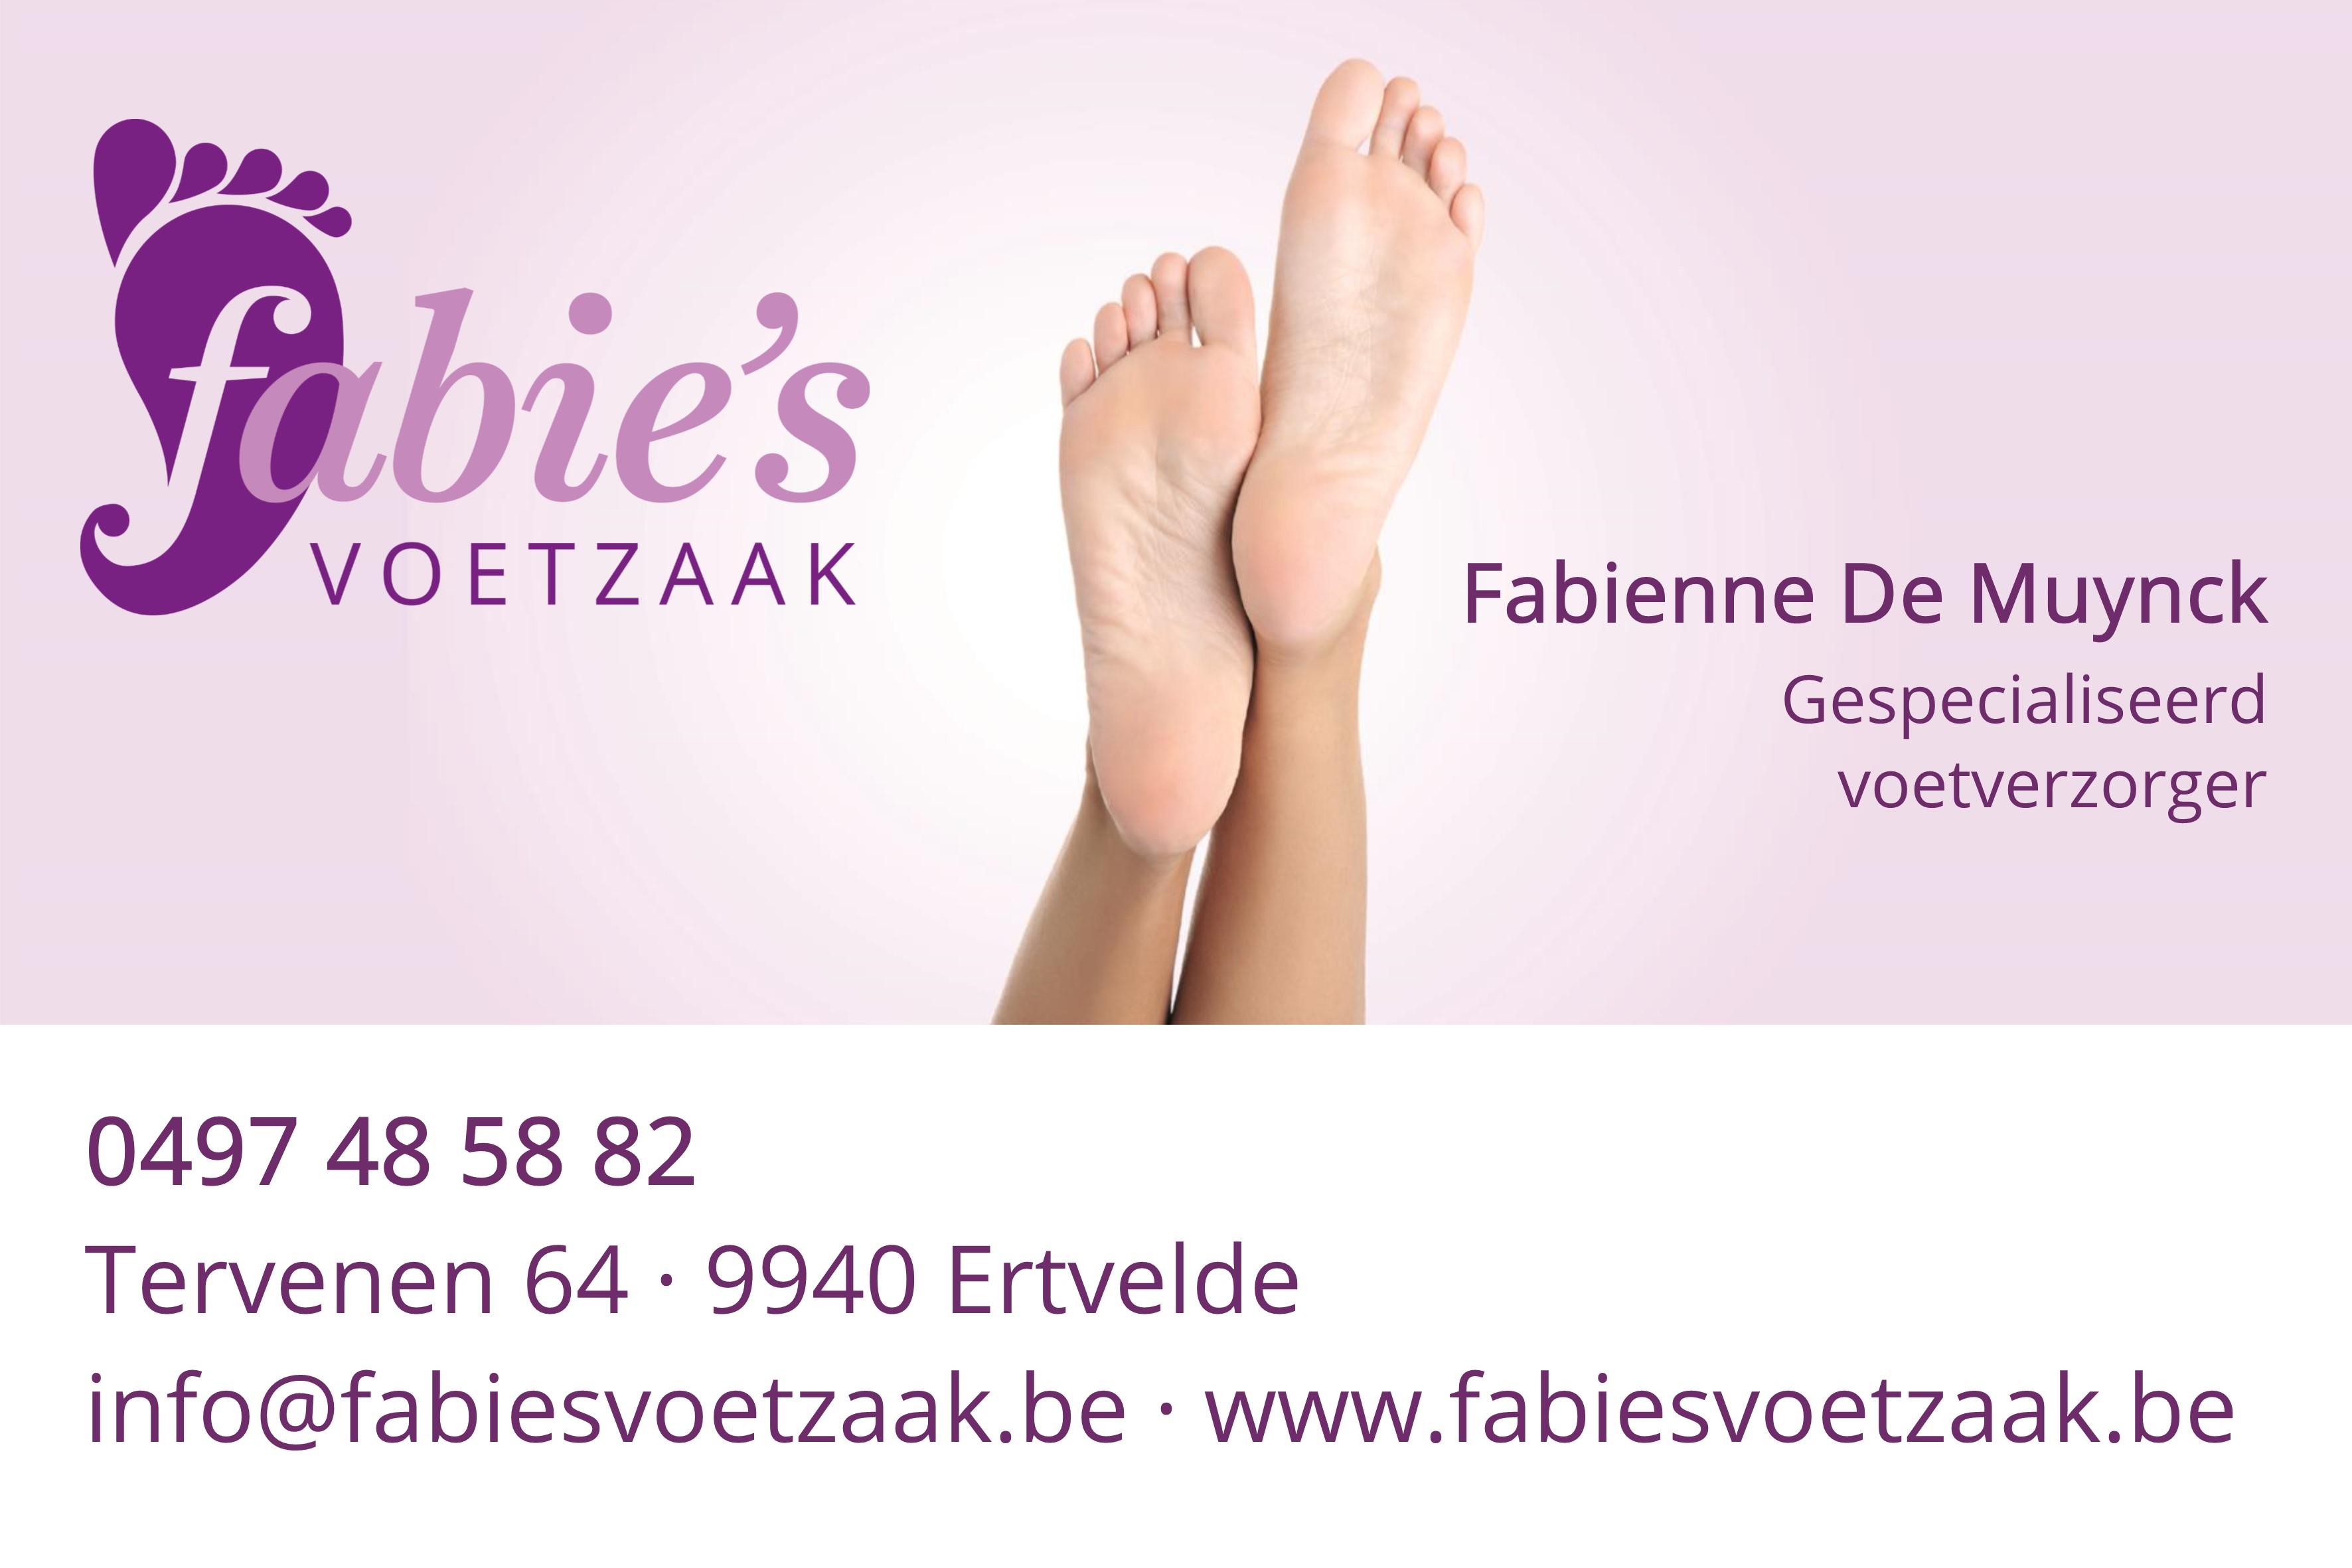 Logo van Fabie's voetzaak